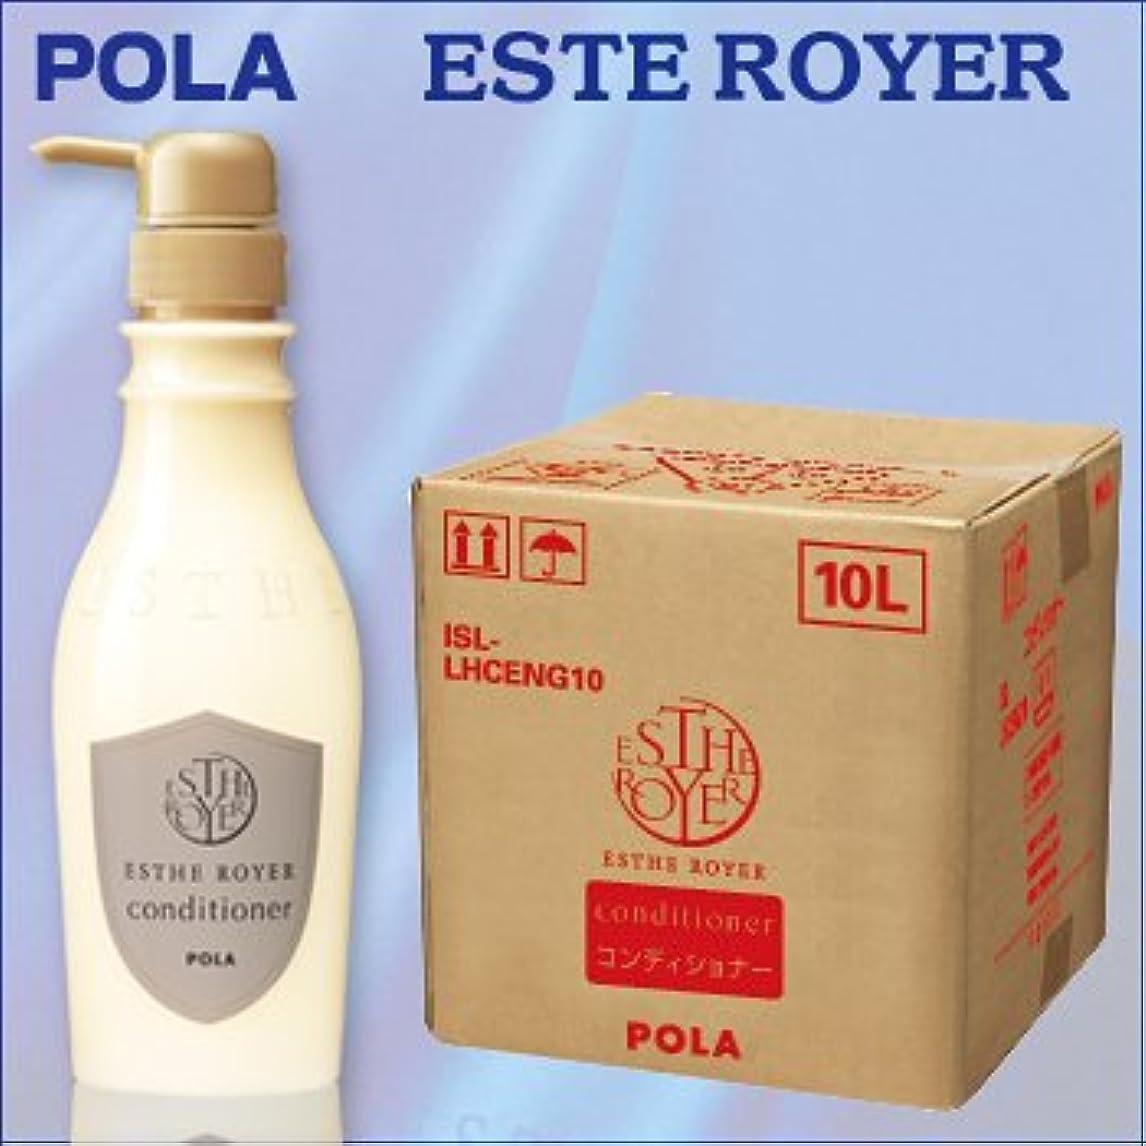 現代の同行靴下POLAエステロワイエ 業務用コンディショナー 10L (1セット10L入)